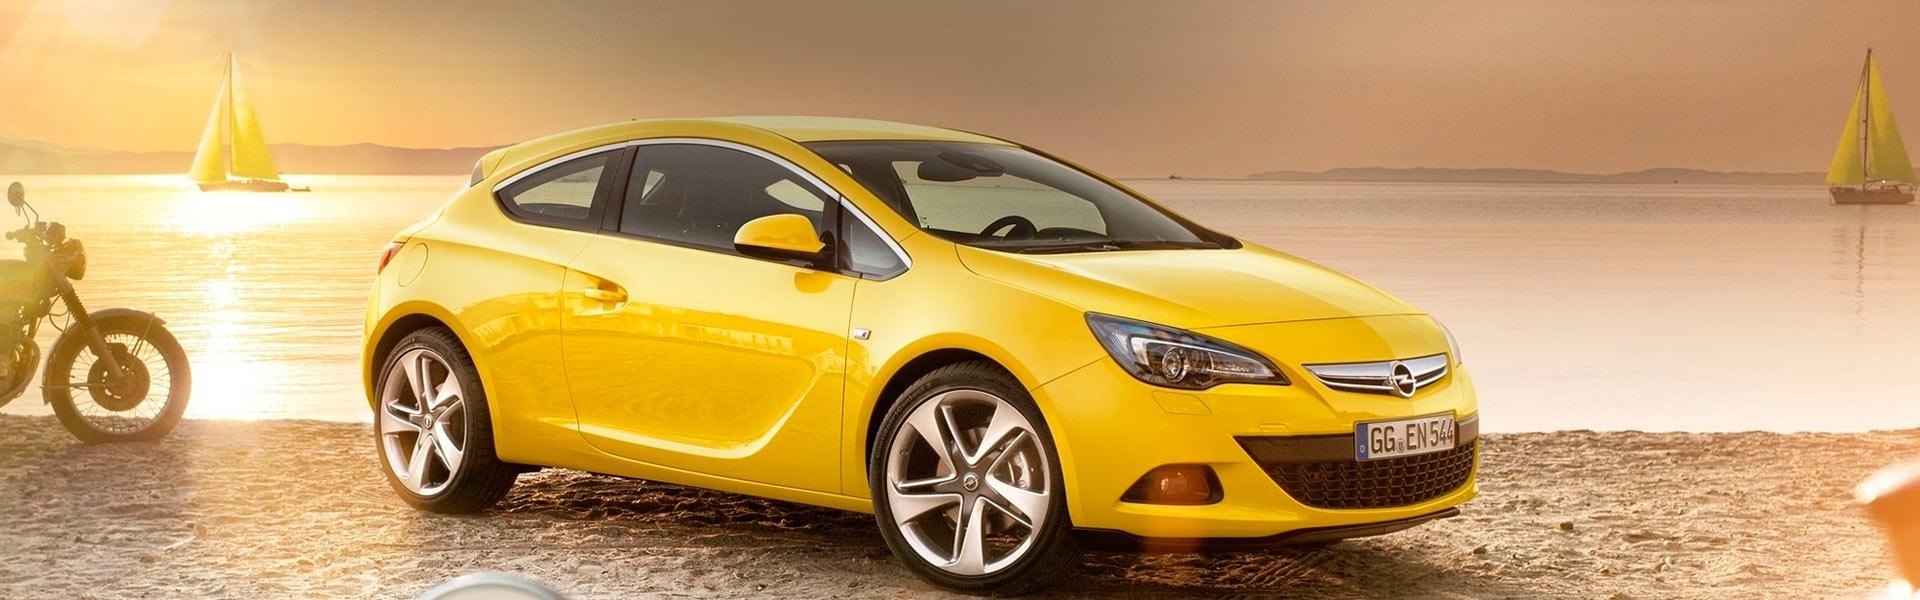 Сервис Opel Astra